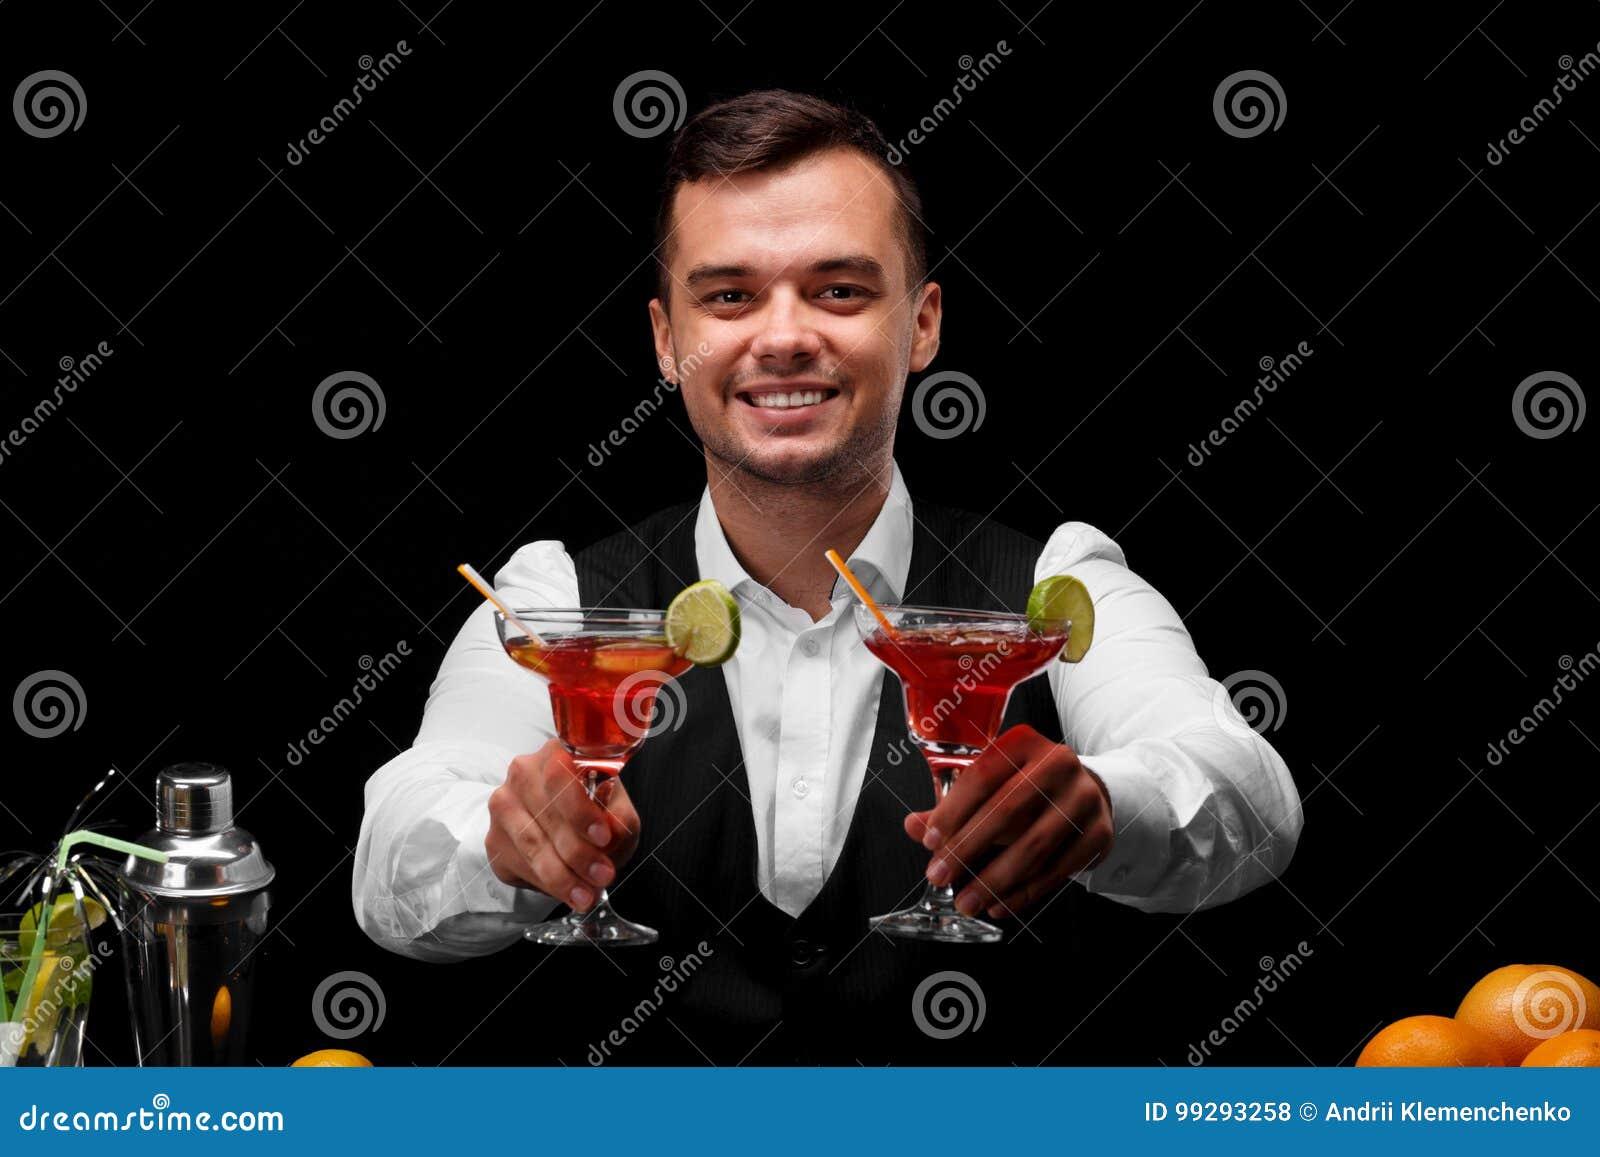 Ελκυστικό bartender με το σύνολο δύο γυαλιών της Μαργαρίτα των κοκτέιλ, πορτοκάλια, λεμόνι, ένας δονητής σε ένα μαύρο υπόβαθρο